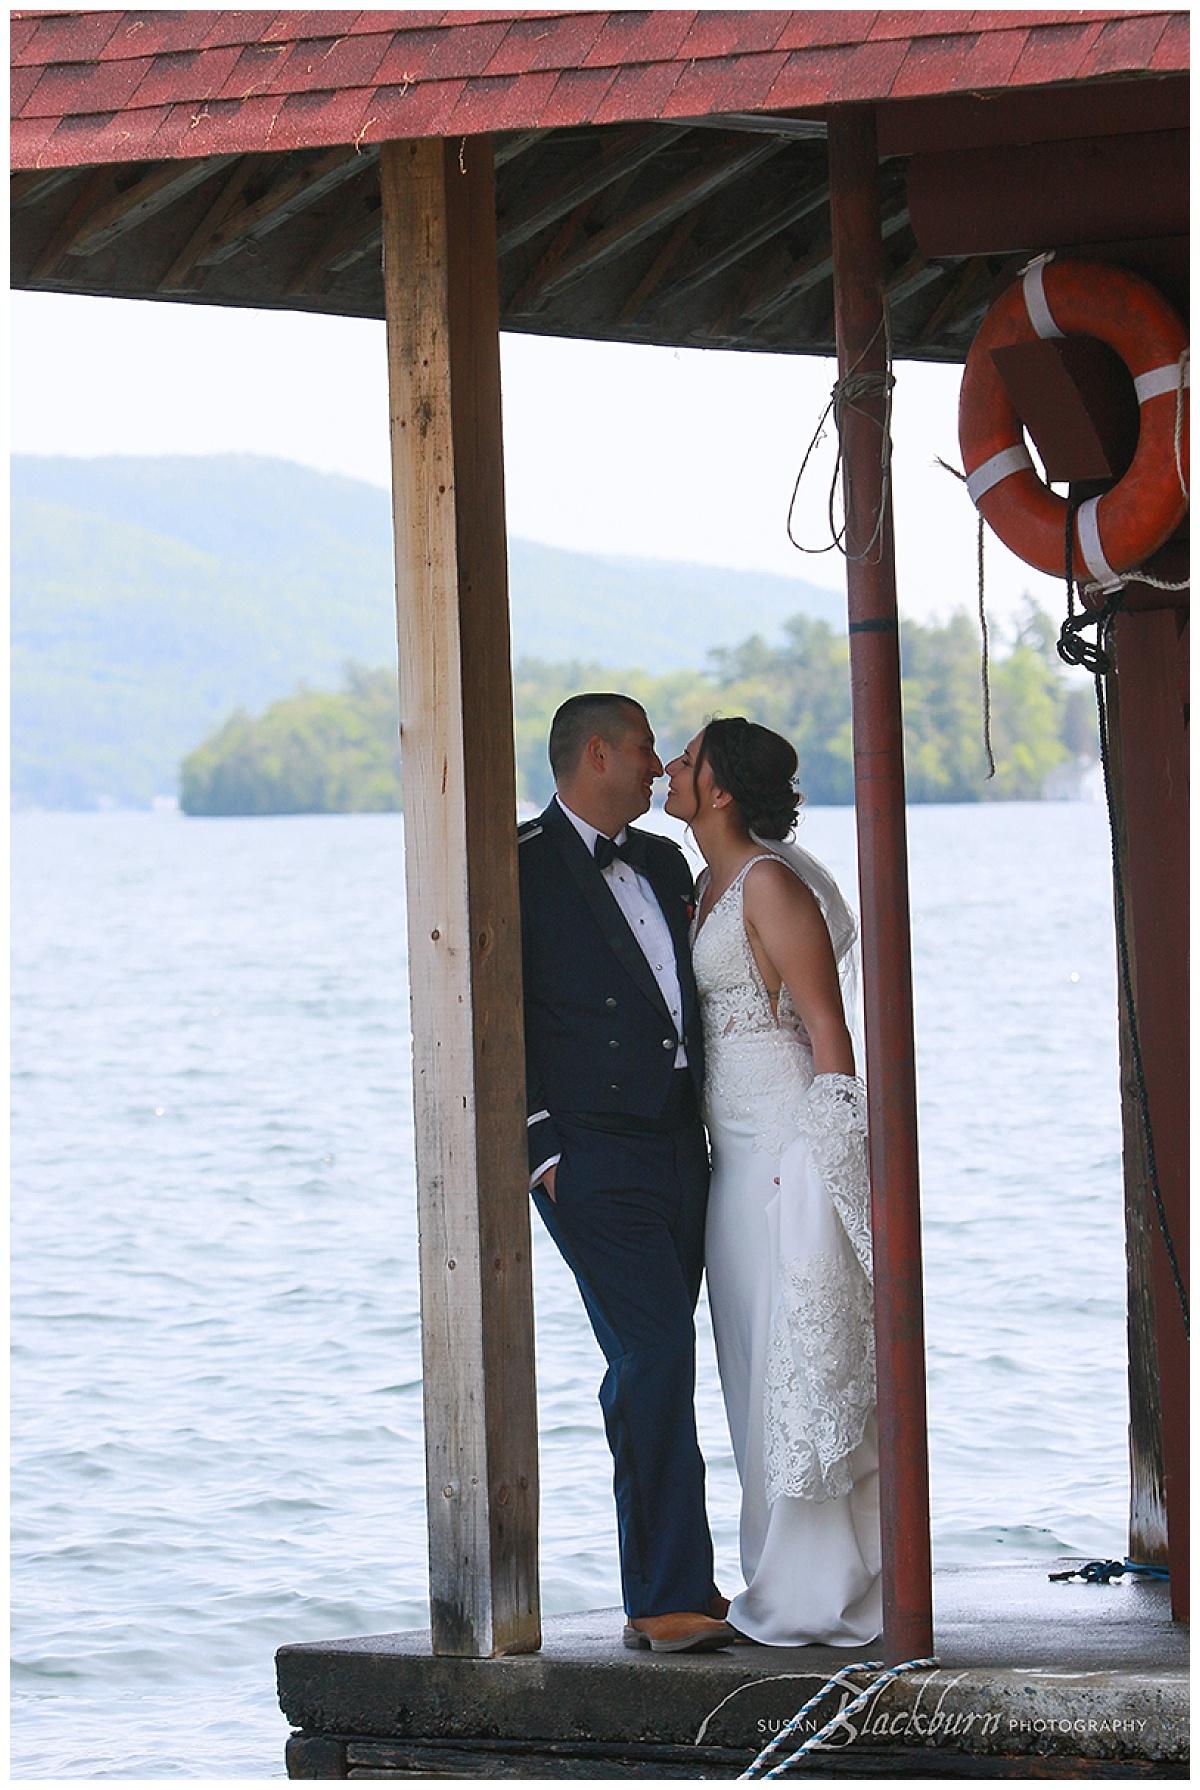 Canoe Island Lodge Wedding Photo